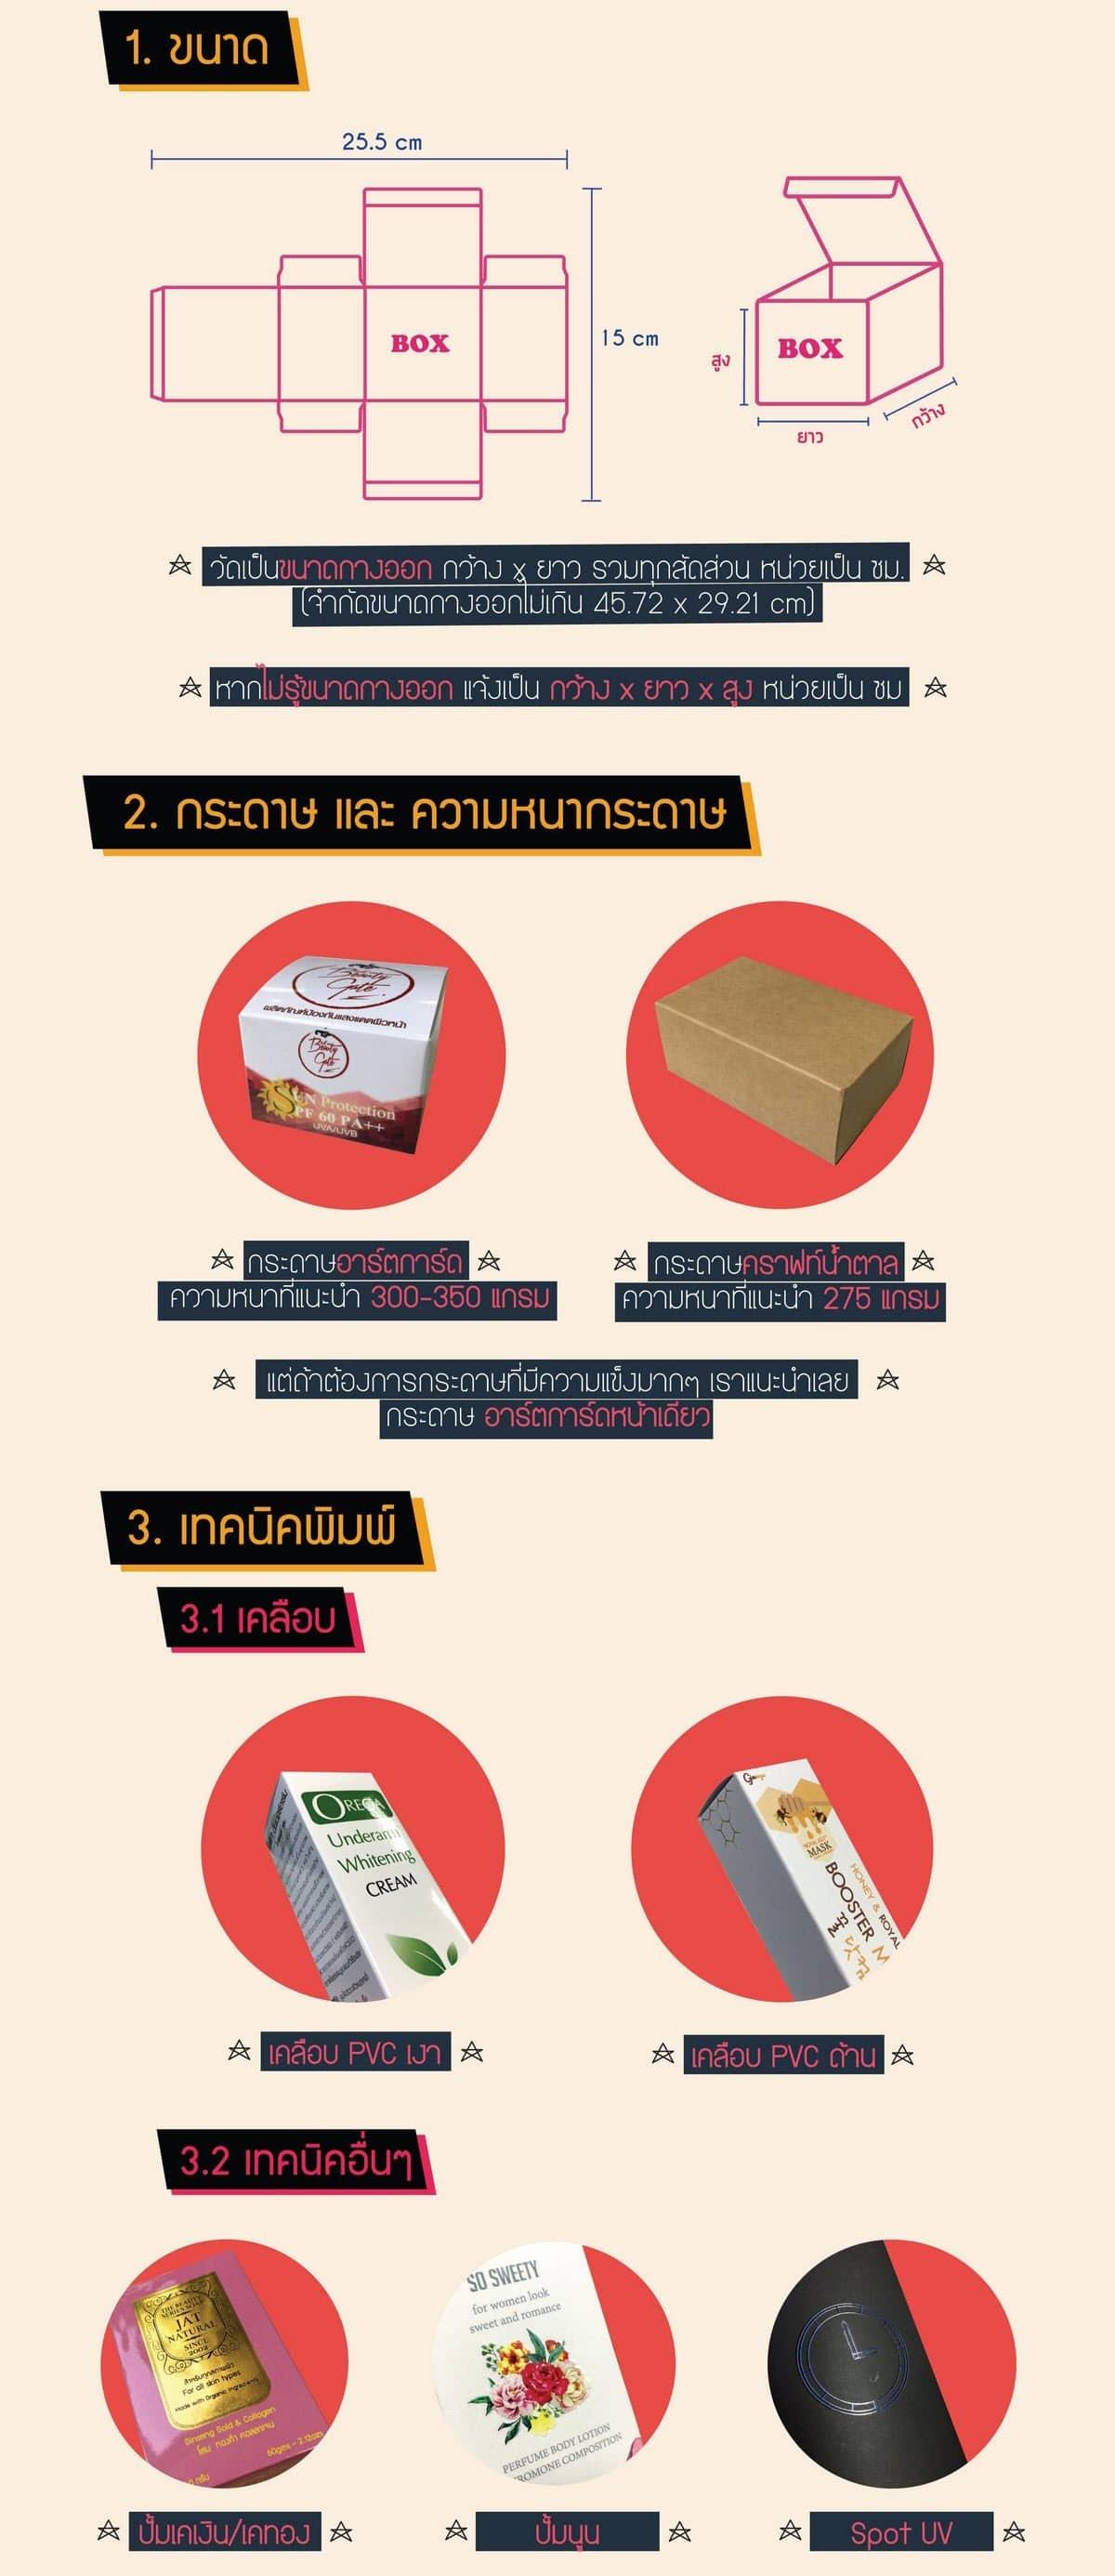 box n menu 03 1 1 - บริการ รับพิมพ์ ผลิตและออกแบบกล่องบรรจุภัณฑ์ กล่องสินค้า กล่องครีม กล่องเครื่องสำอาง